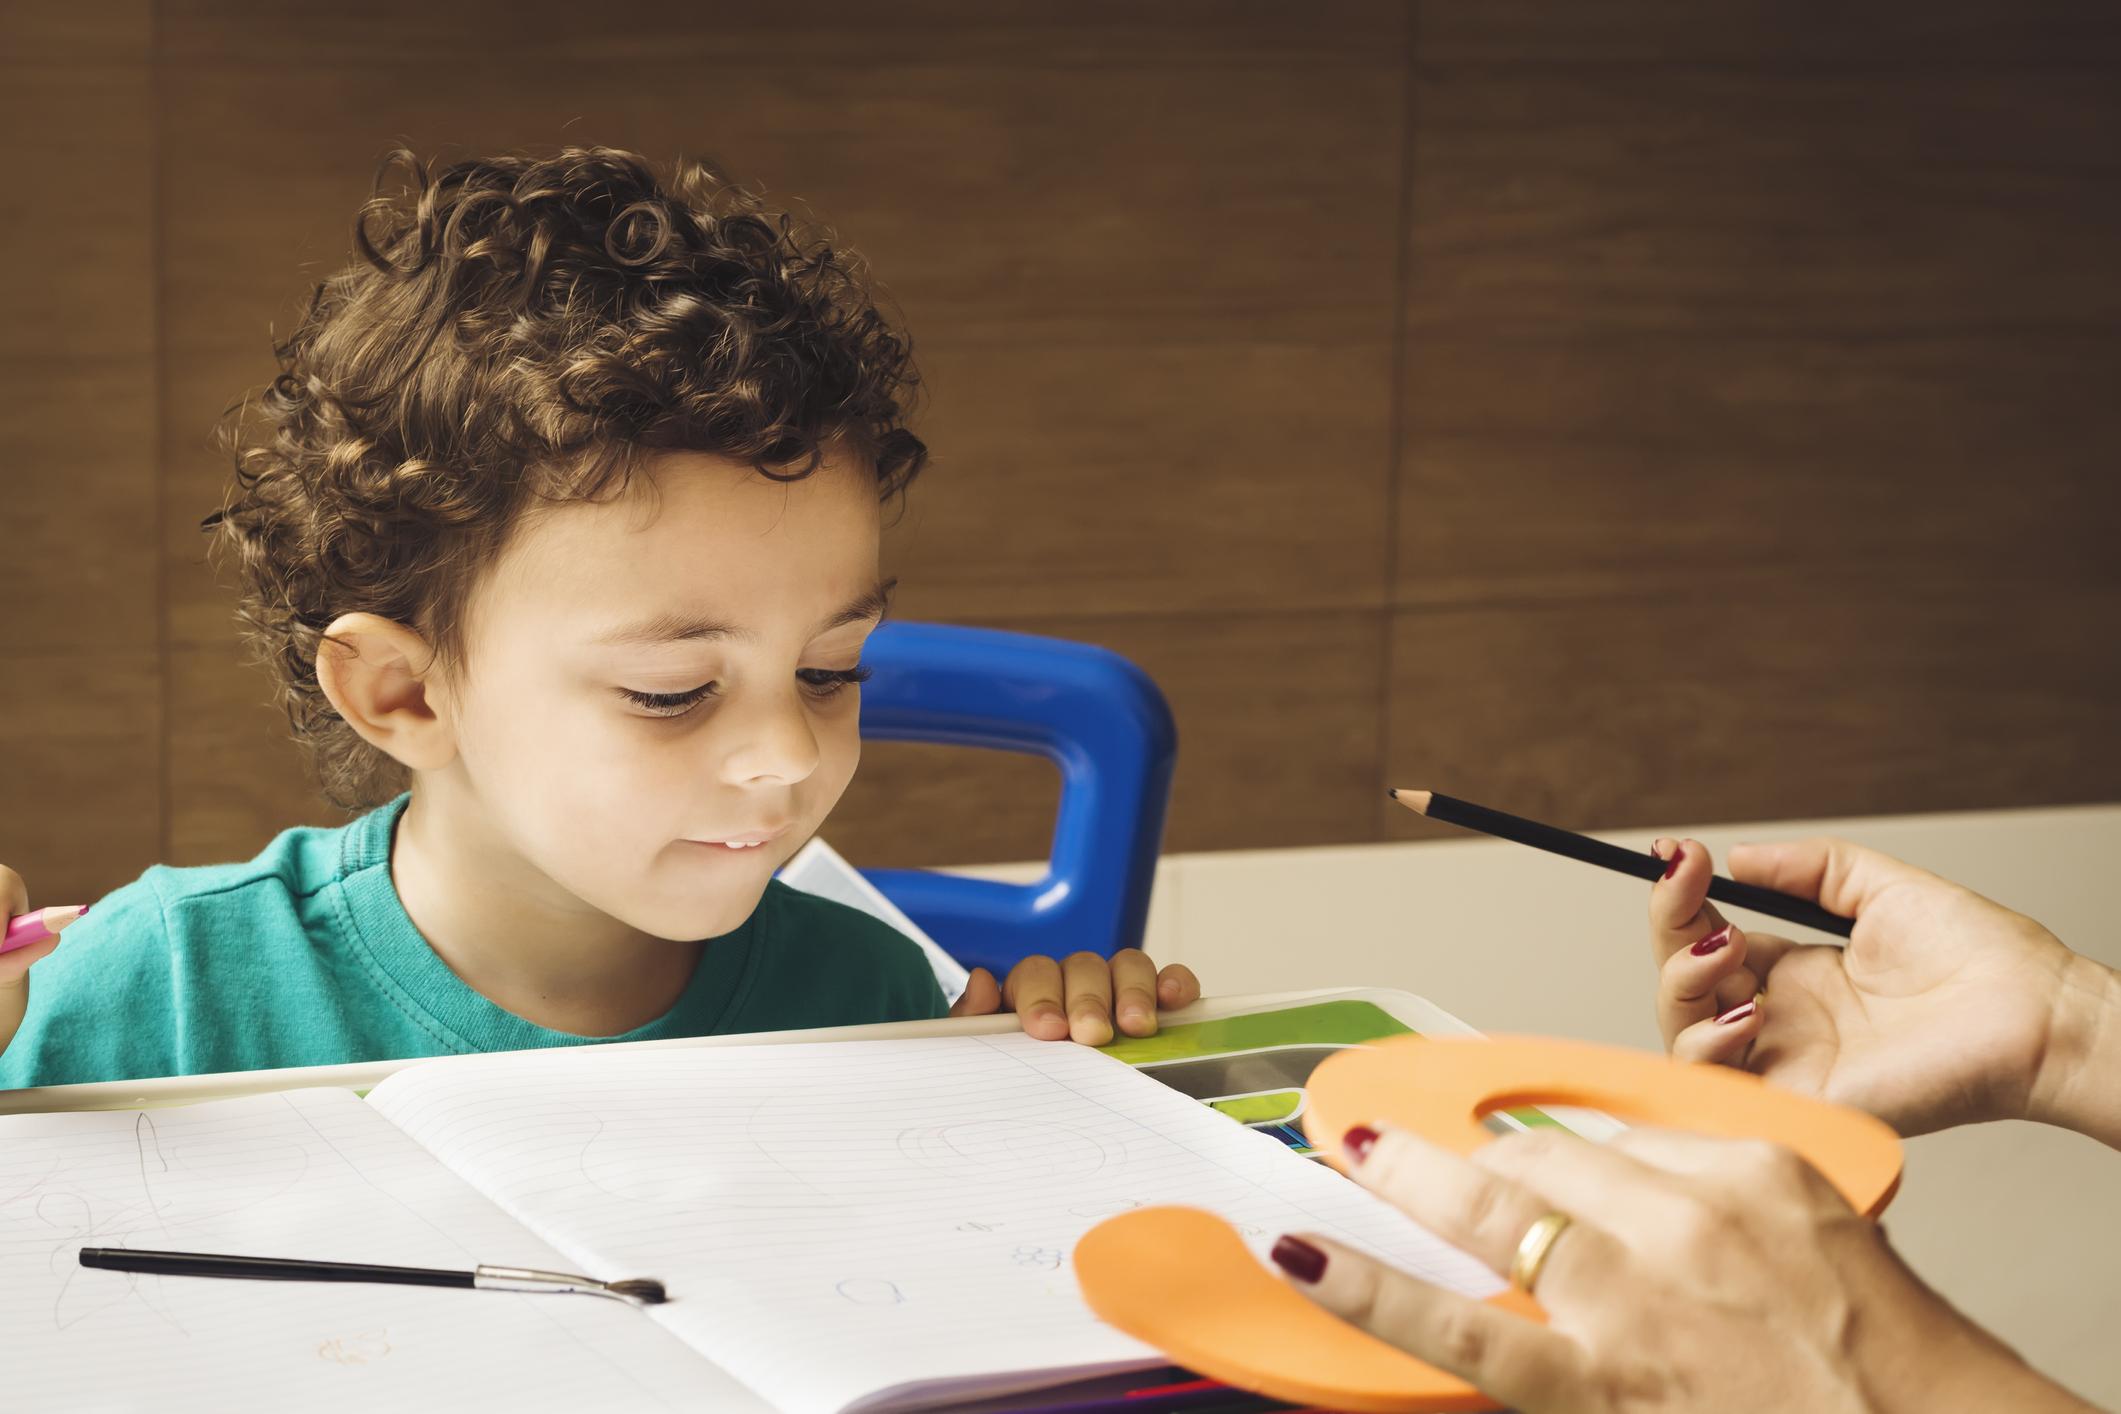 O início da vida escolar é um período delicado e que requer atenção especial dos pais principalmente no aprendizado das crianças.